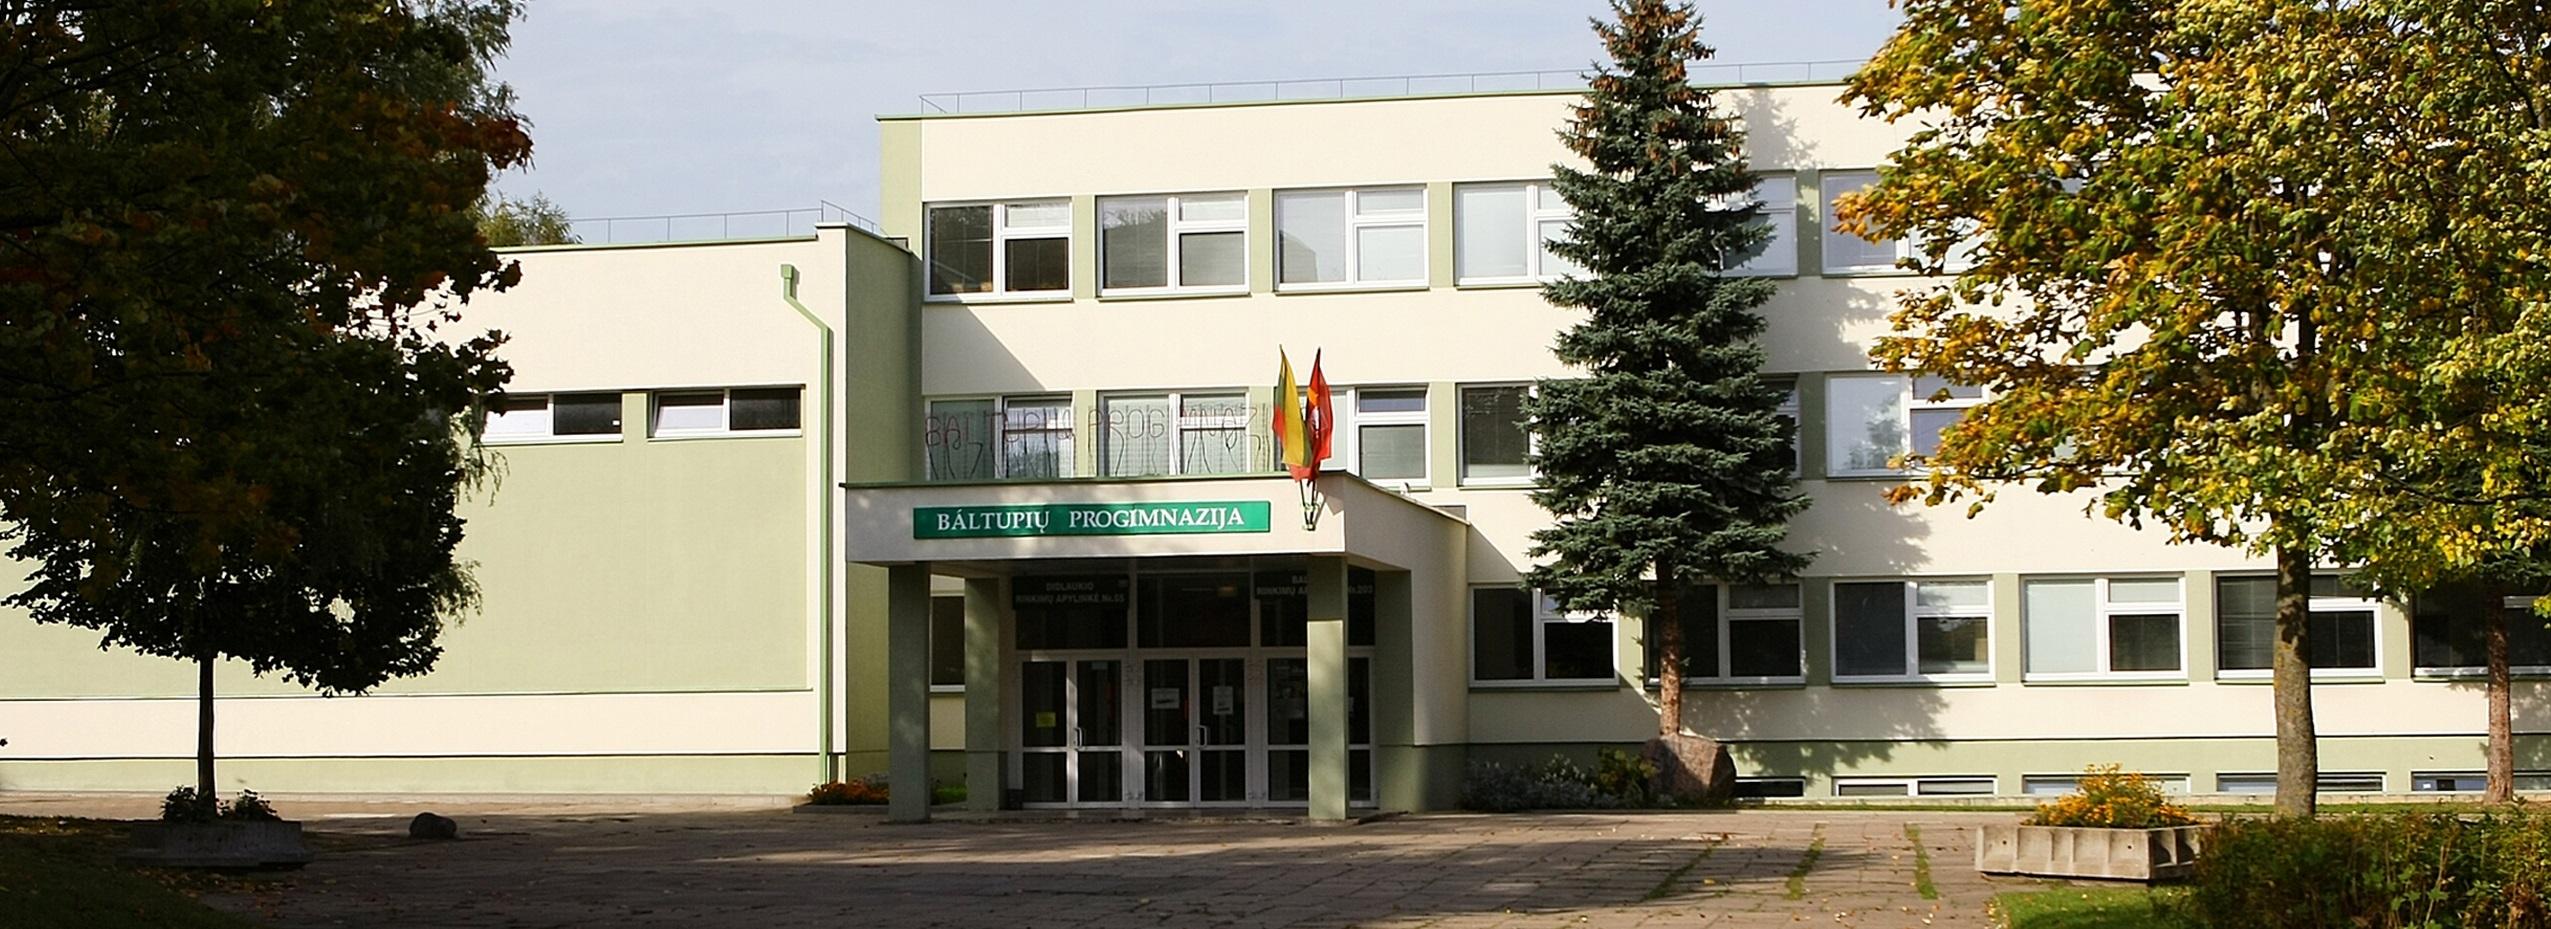 <h1><center> Baltupių mokykla tapo progimnazija 2011 m.<br> 2011 m. - 601 mokinys<br>2014 m. - 732 mokiniai<br>2015 m. - 809 mokiniai. <br></center> </h1>    </div>    <div class=